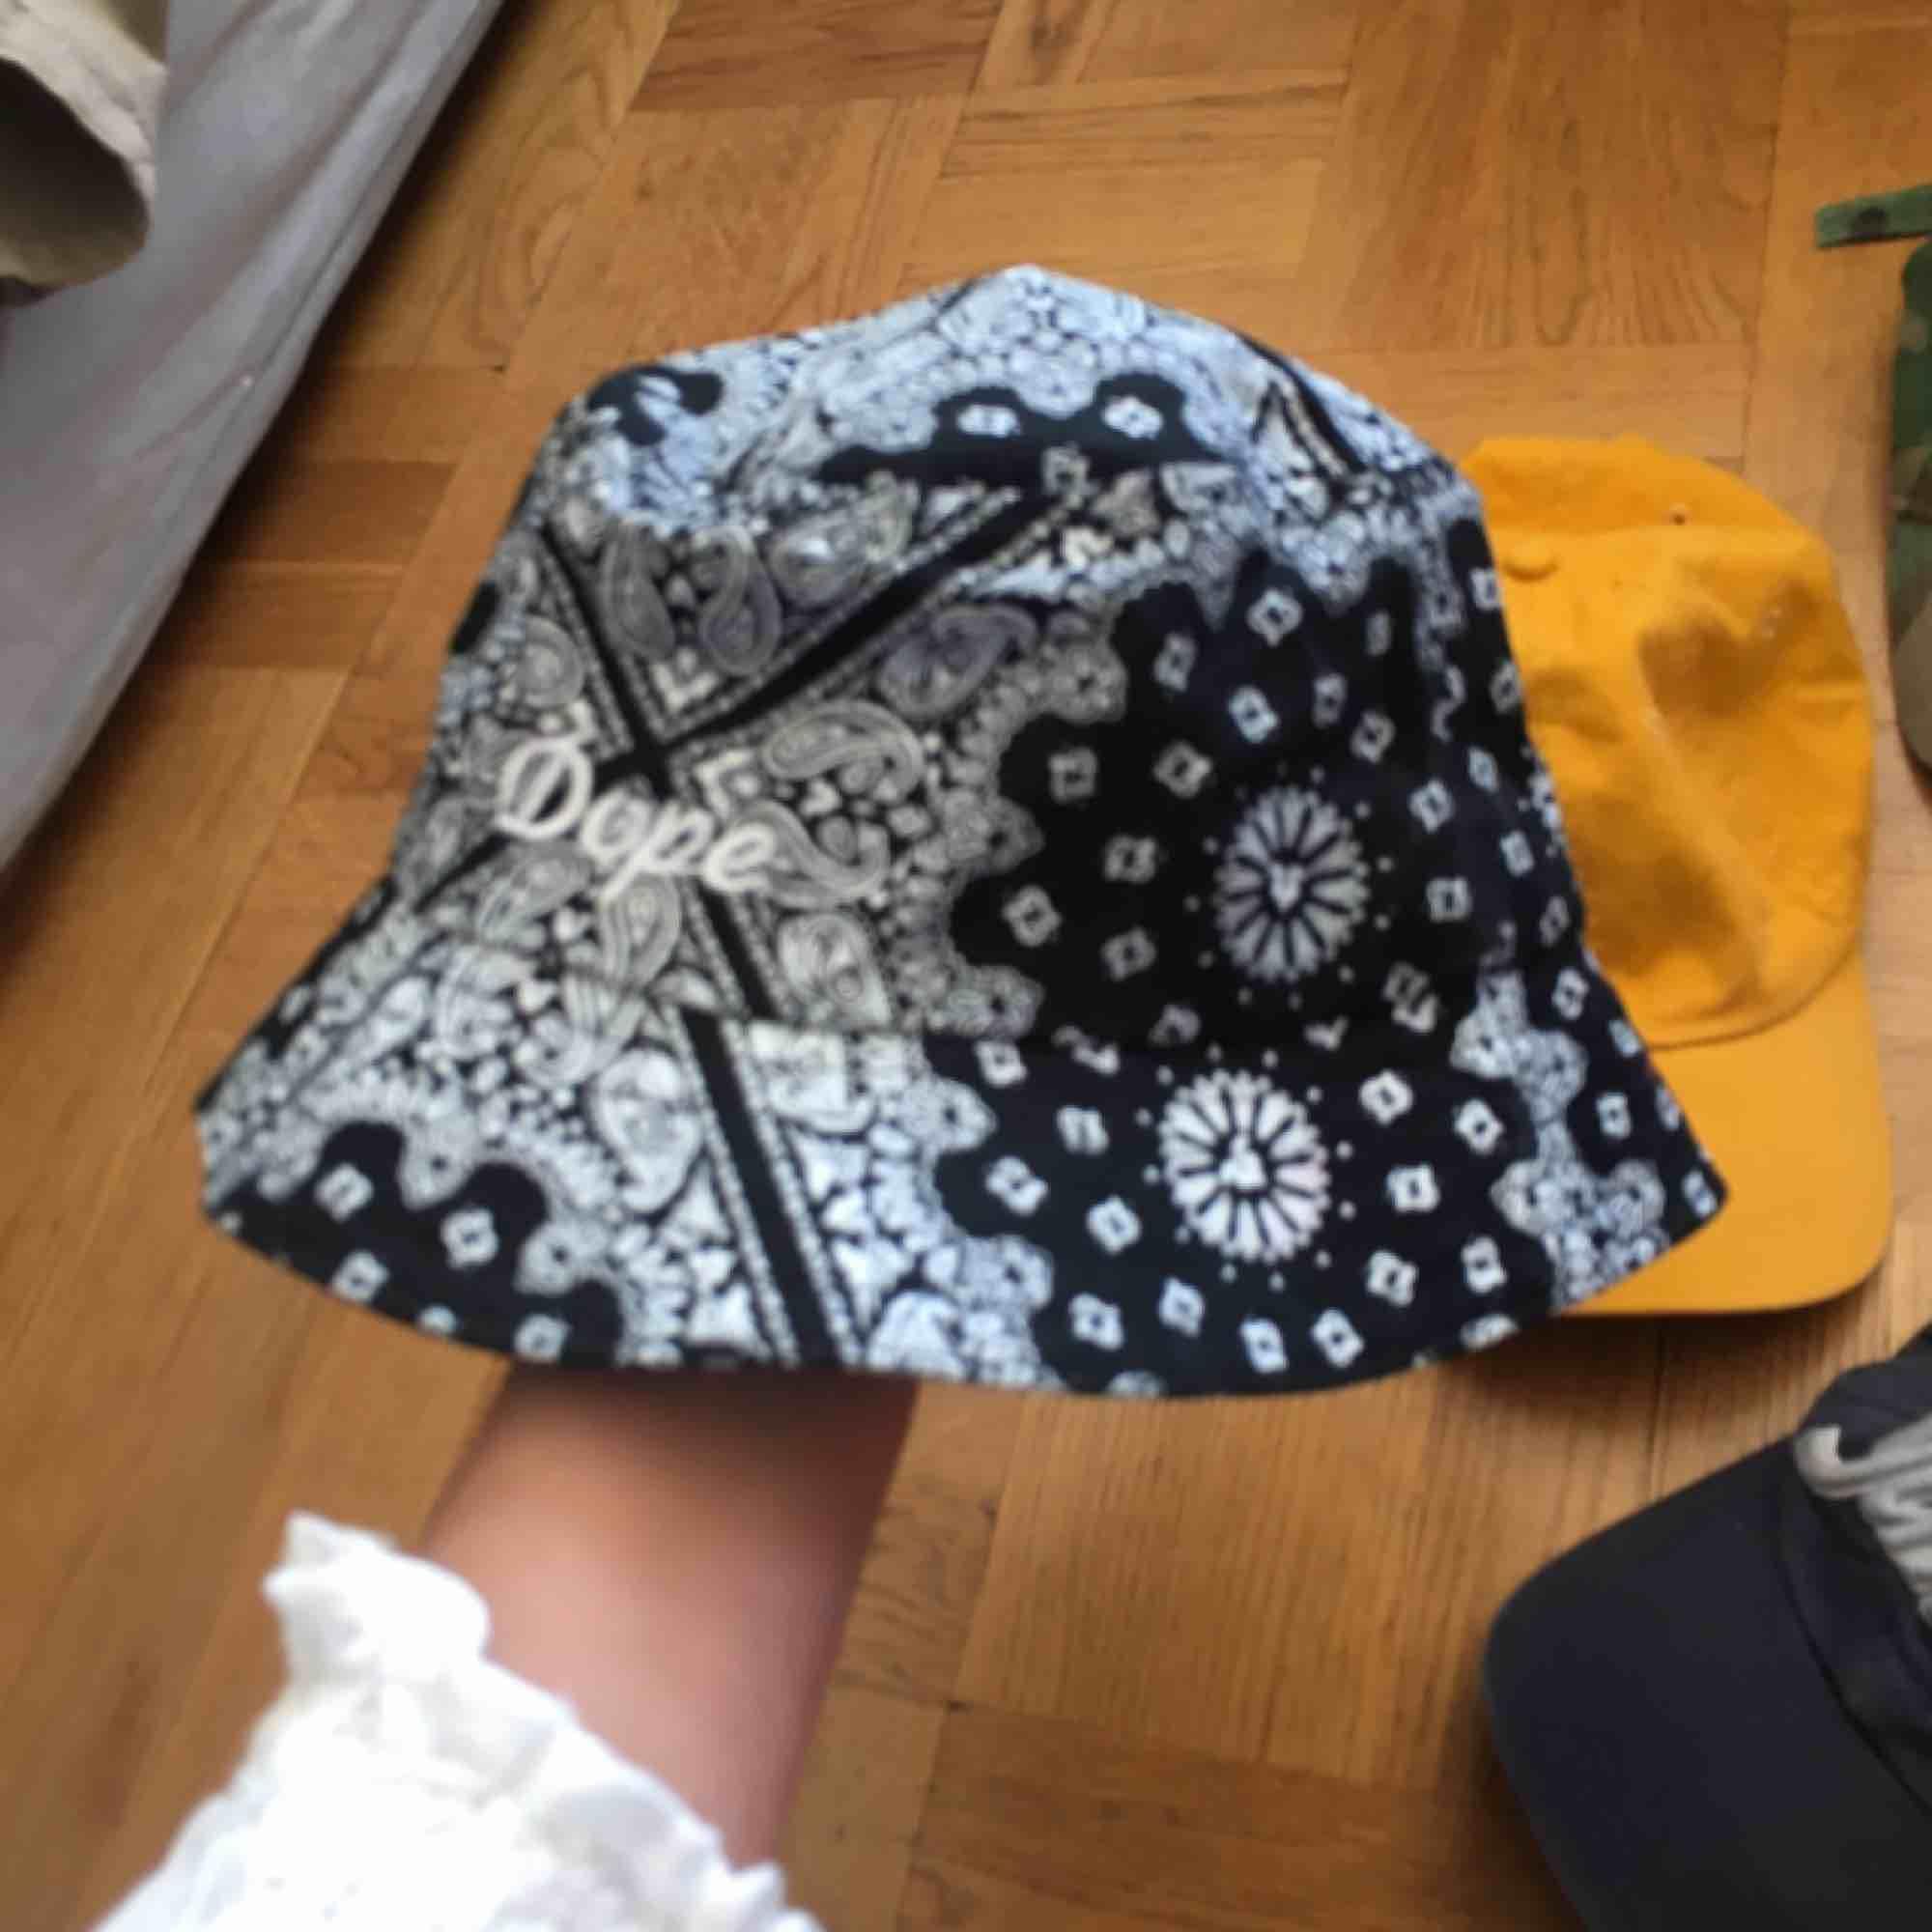 Blå keps 40 kr och gul keps 50 kr. Frakt tillkommer :) bucket hat och militär keps sålda. Accessoarer.